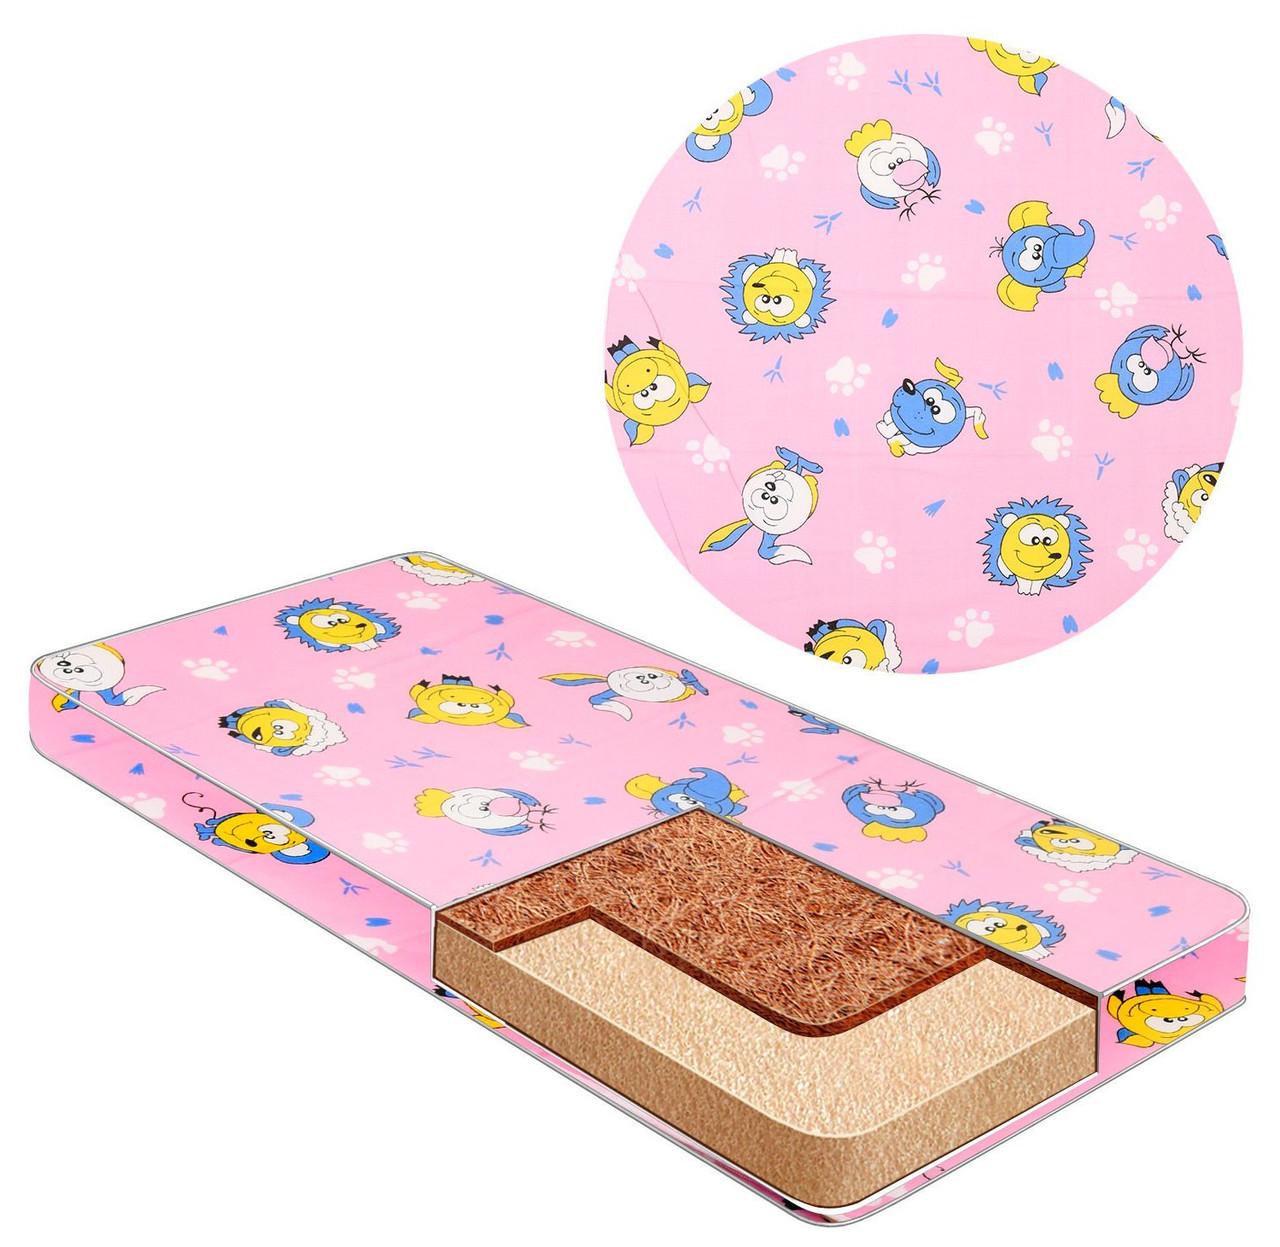 Матрас для детской кроватки, кокос-поролон, против искривления позвоночника, чехол на молнии, Капитошка 6574